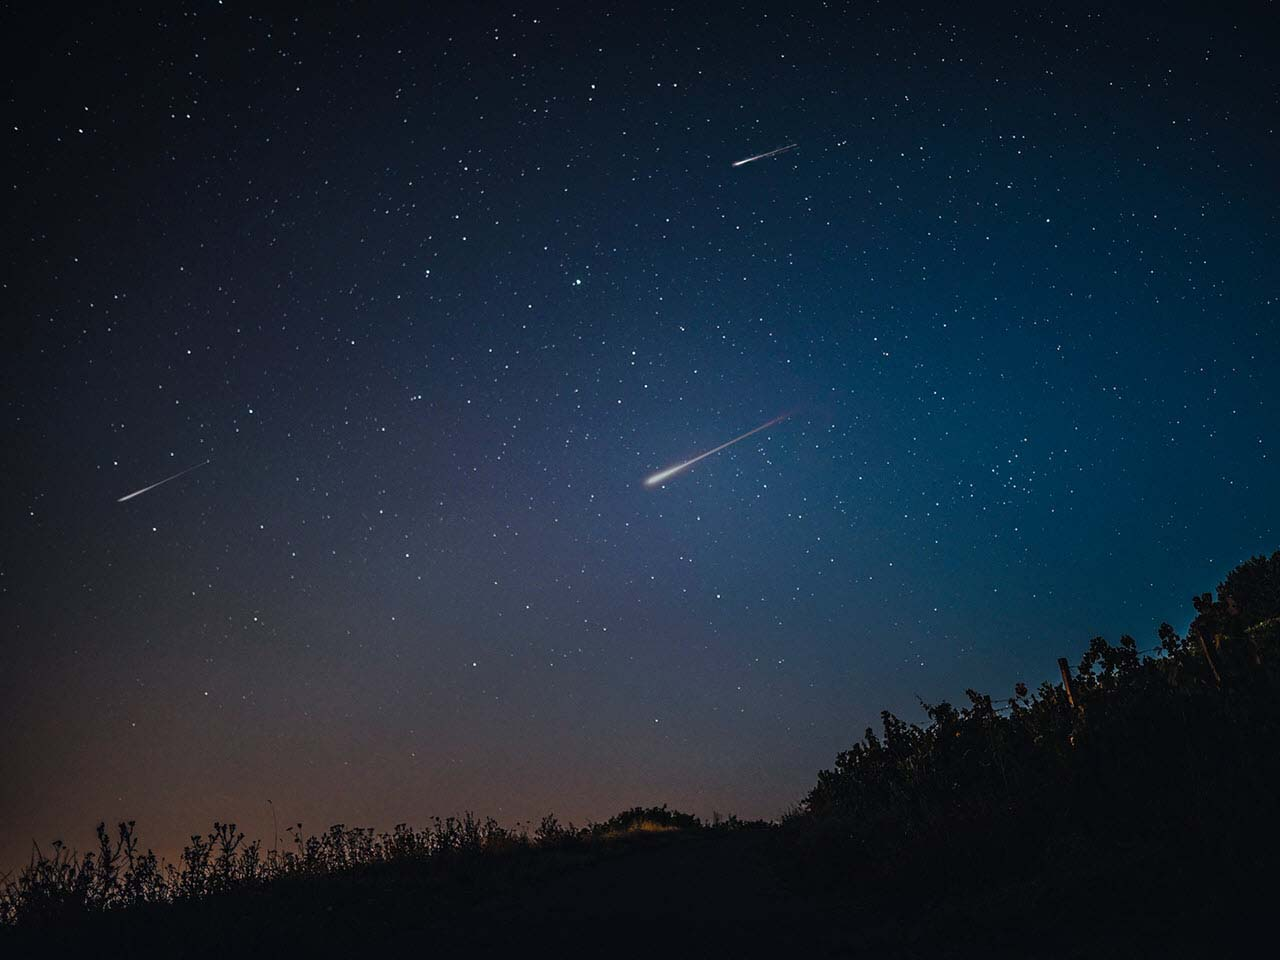 Hình ảnh bầu trời đêm nhiều sao